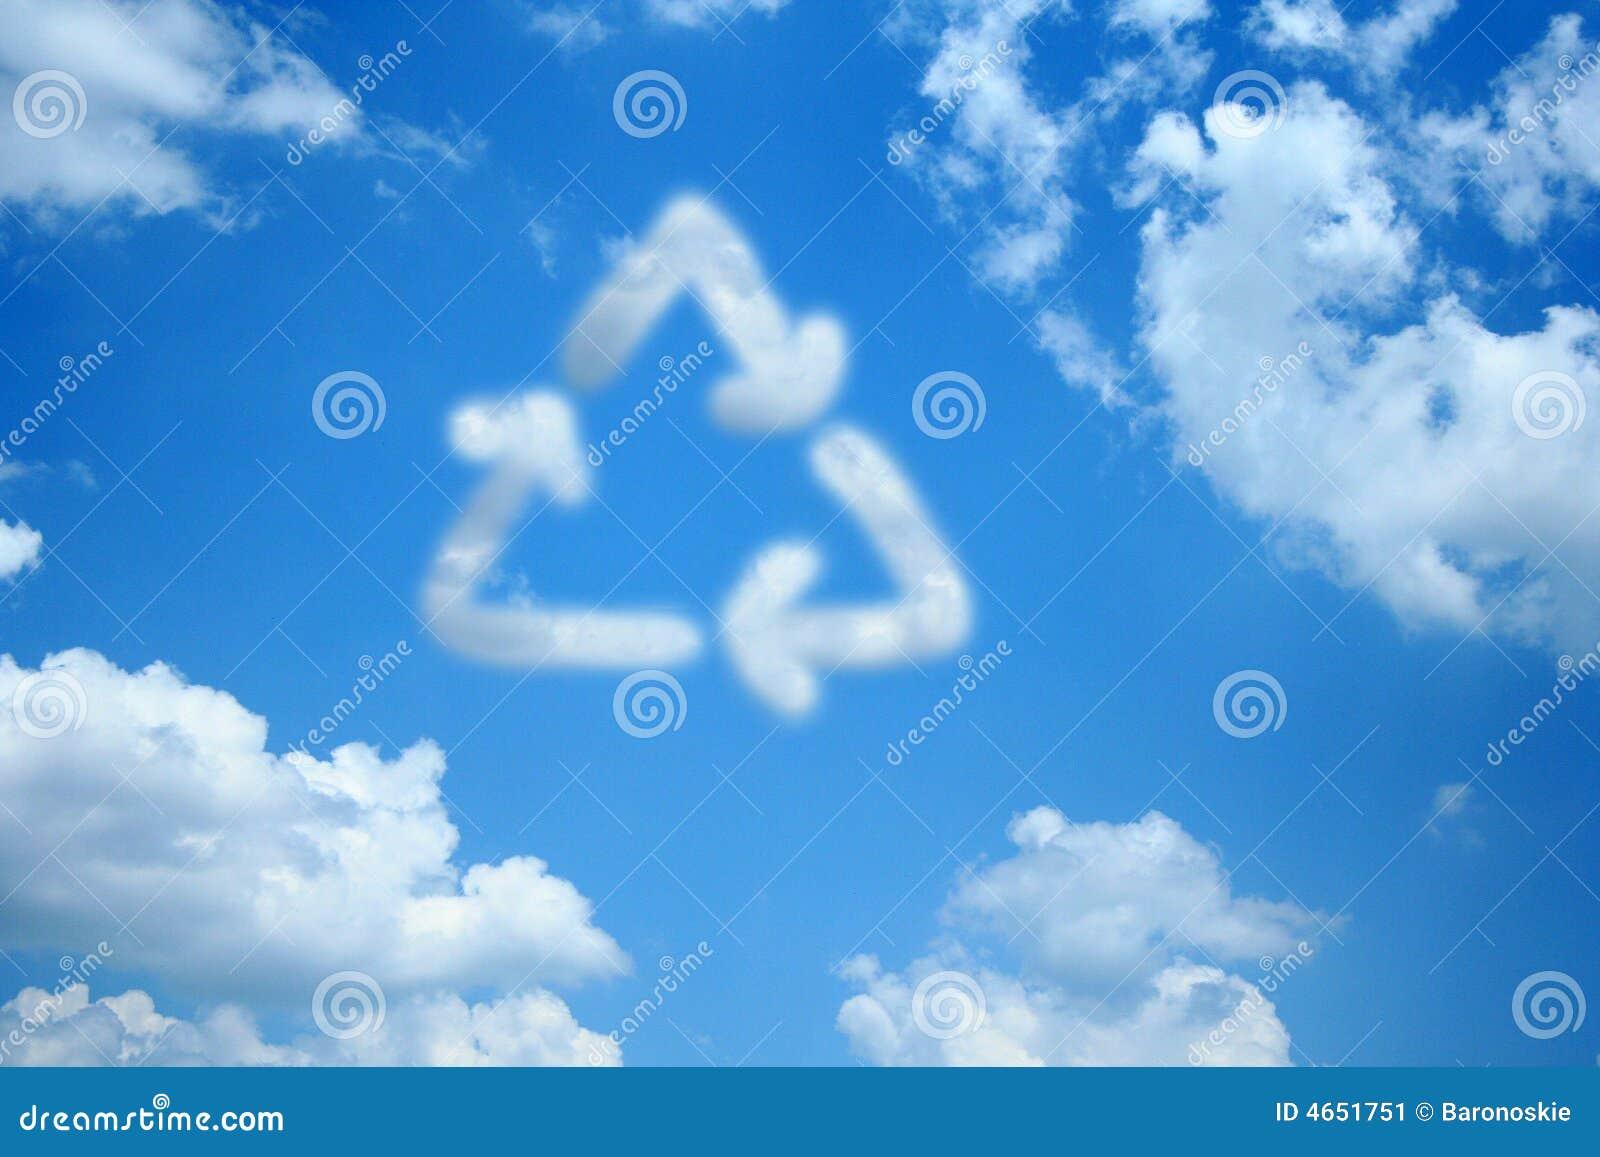 Recicle la nube